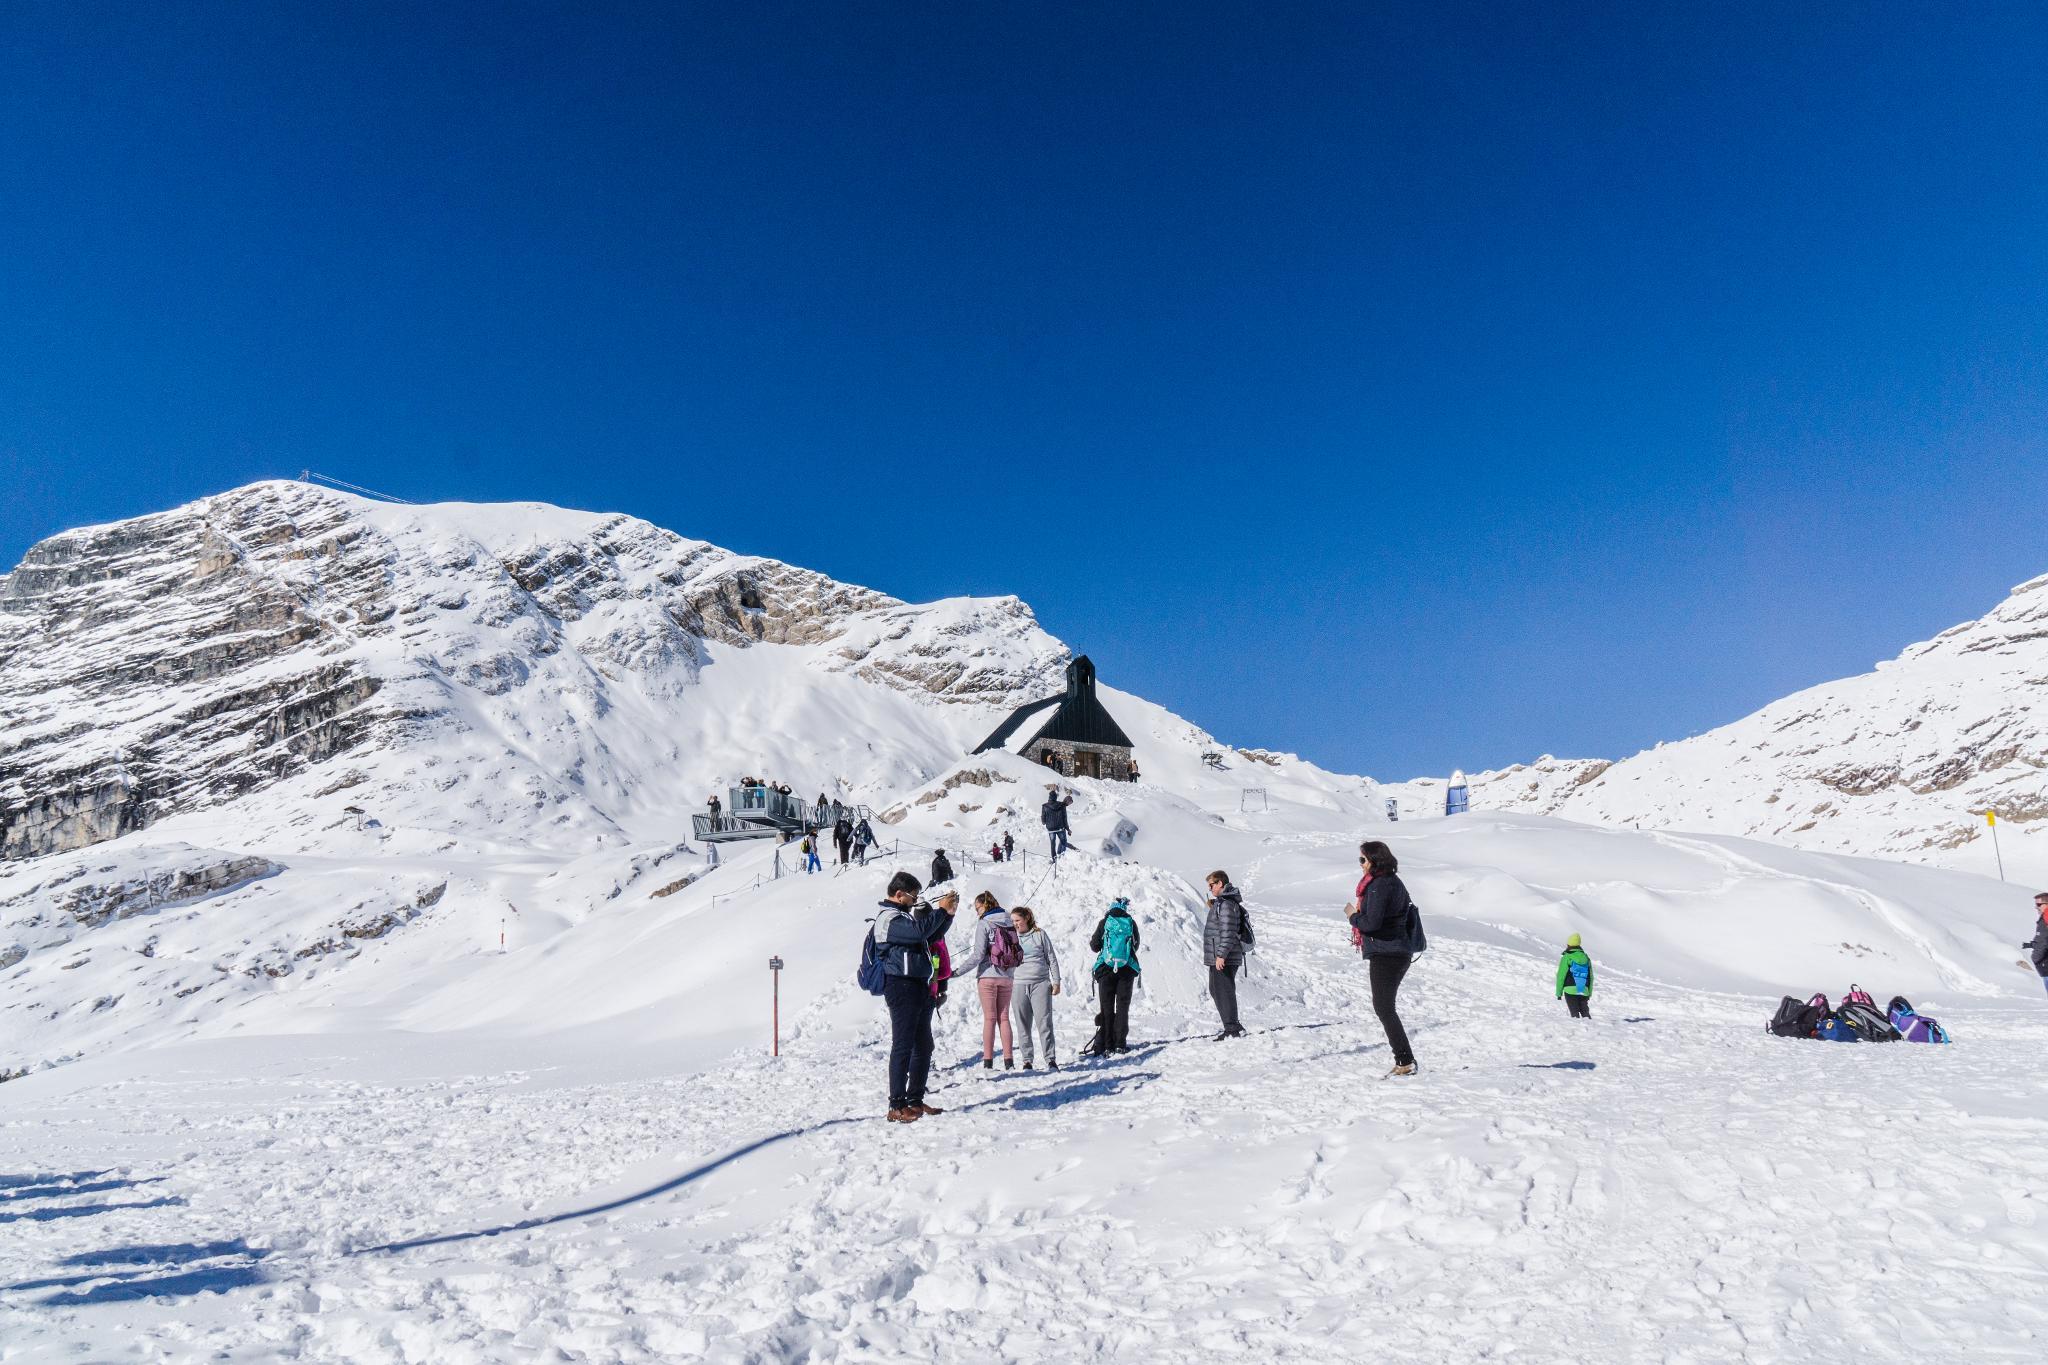 【德國】阿爾卑斯大道:楚格峰 (Zugspitze) 登上德國之巔 2